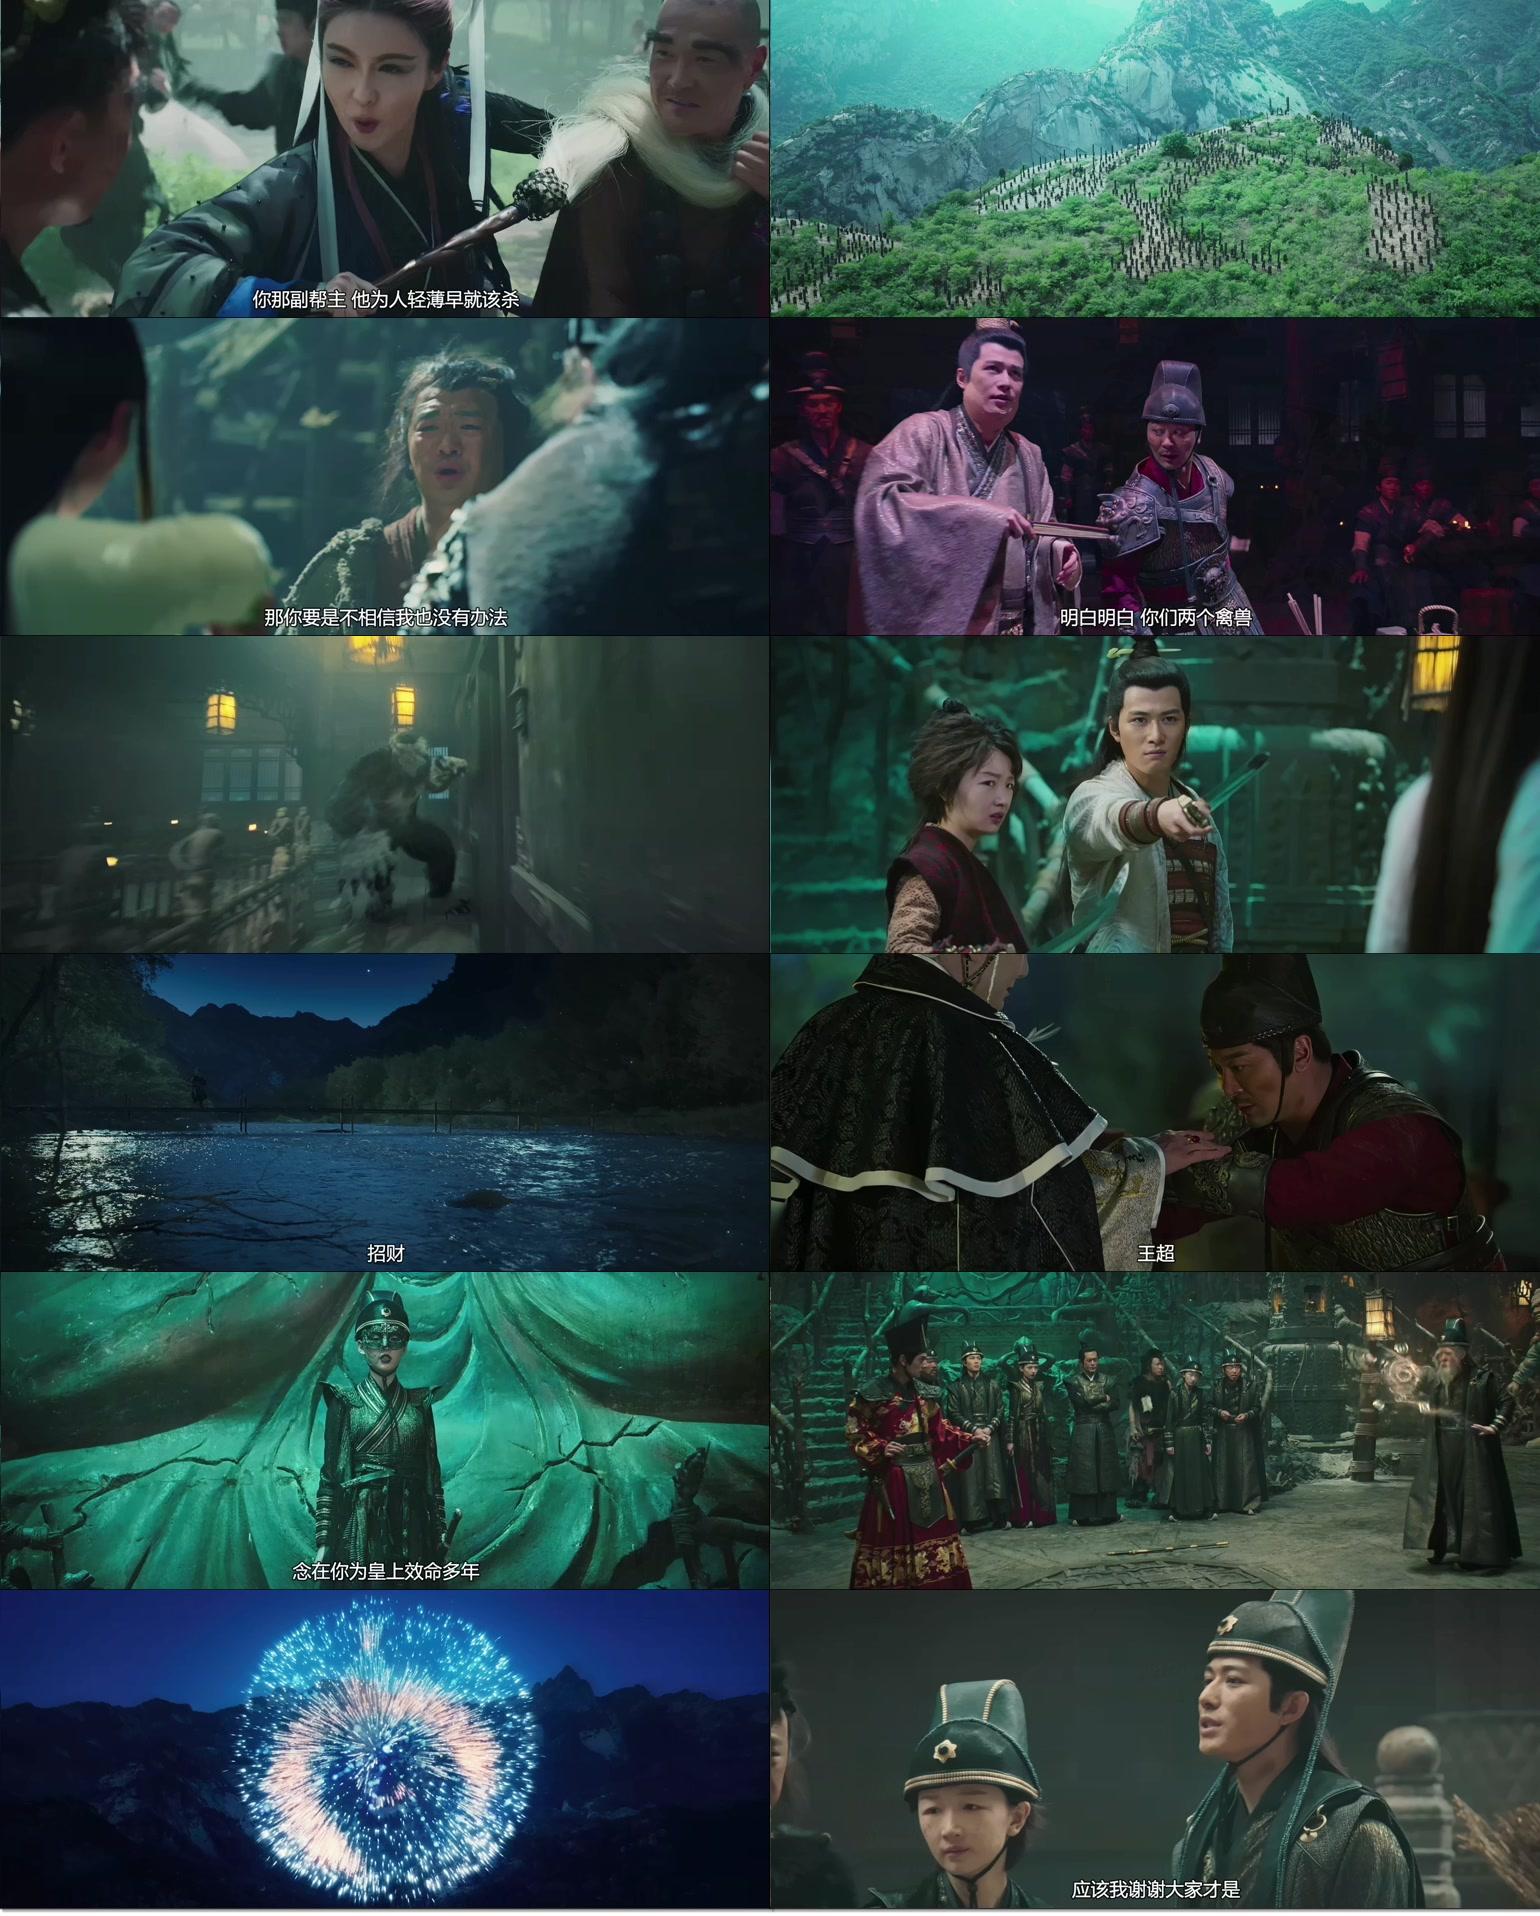 這邊是[港] 武林怪獸Kung.Fu.Monster.2018.HD-1080p/2160p[MKV@2G@國粵語/簡中]圖片的自定義alt信息;546310,726864,haokuku,34